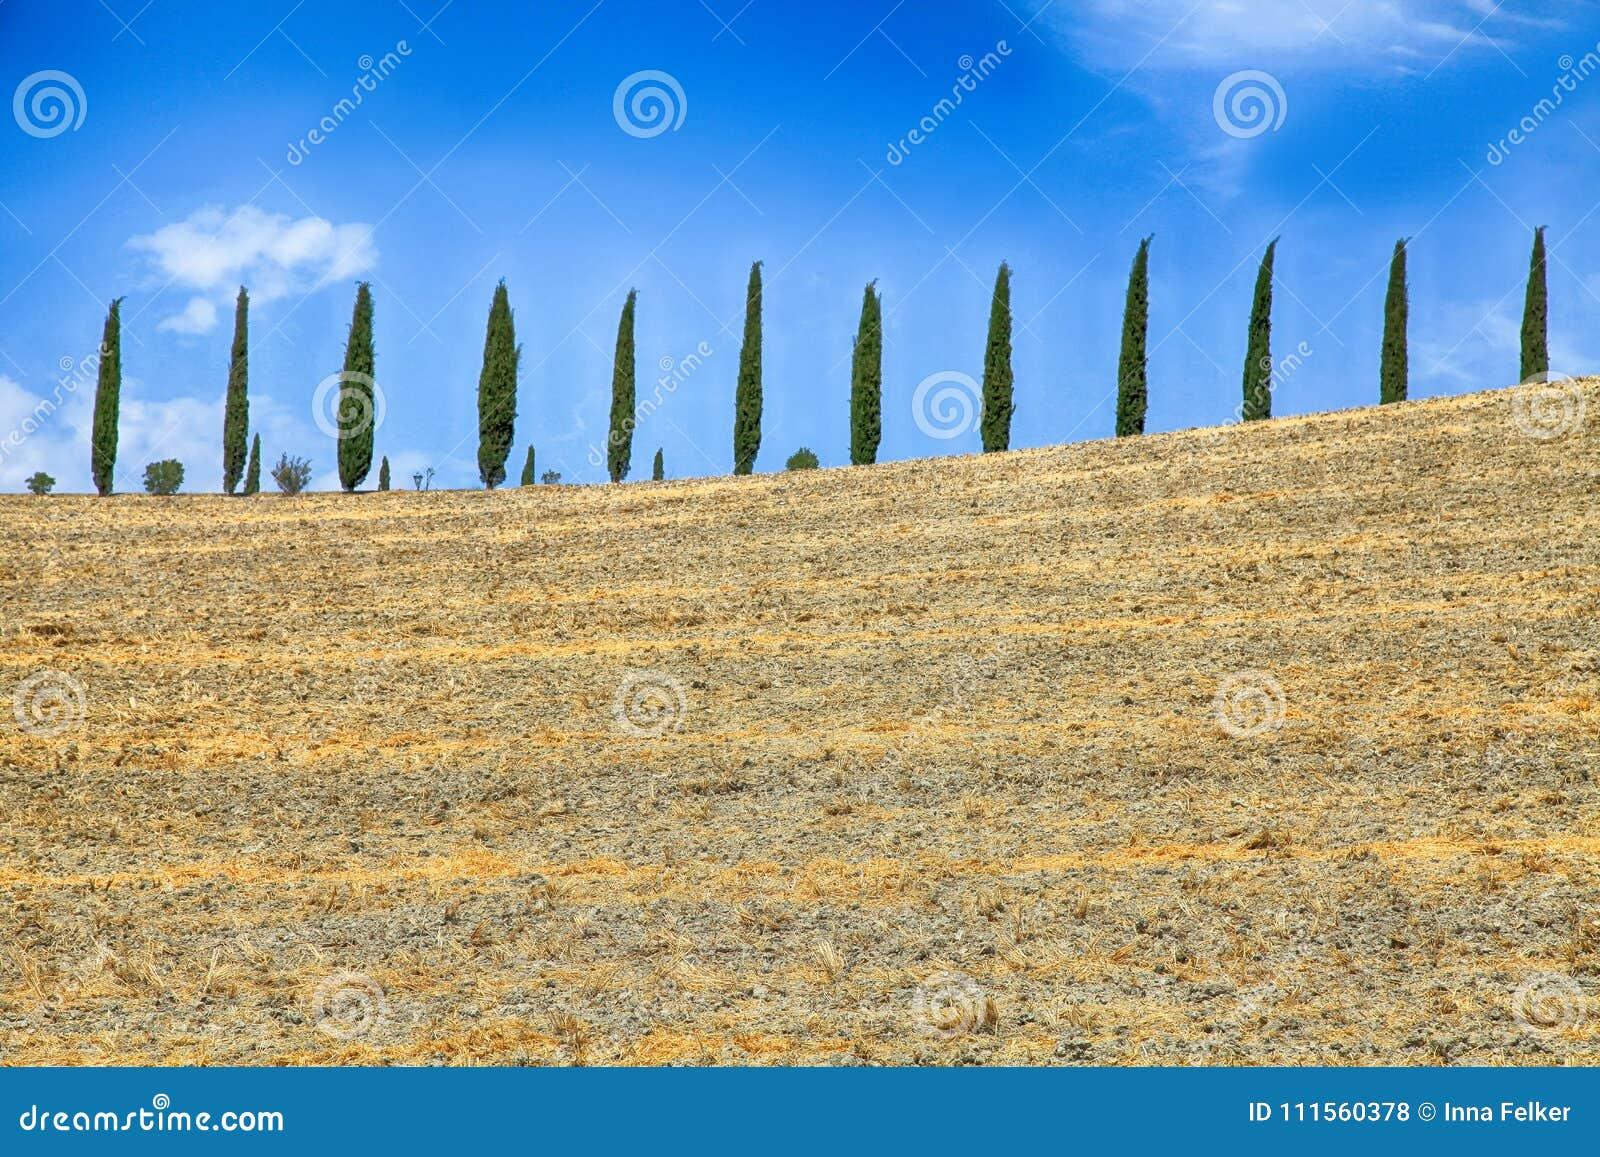 File degli alberi di cipresso italiano e paesaggio rurale del campo giallo, Tus